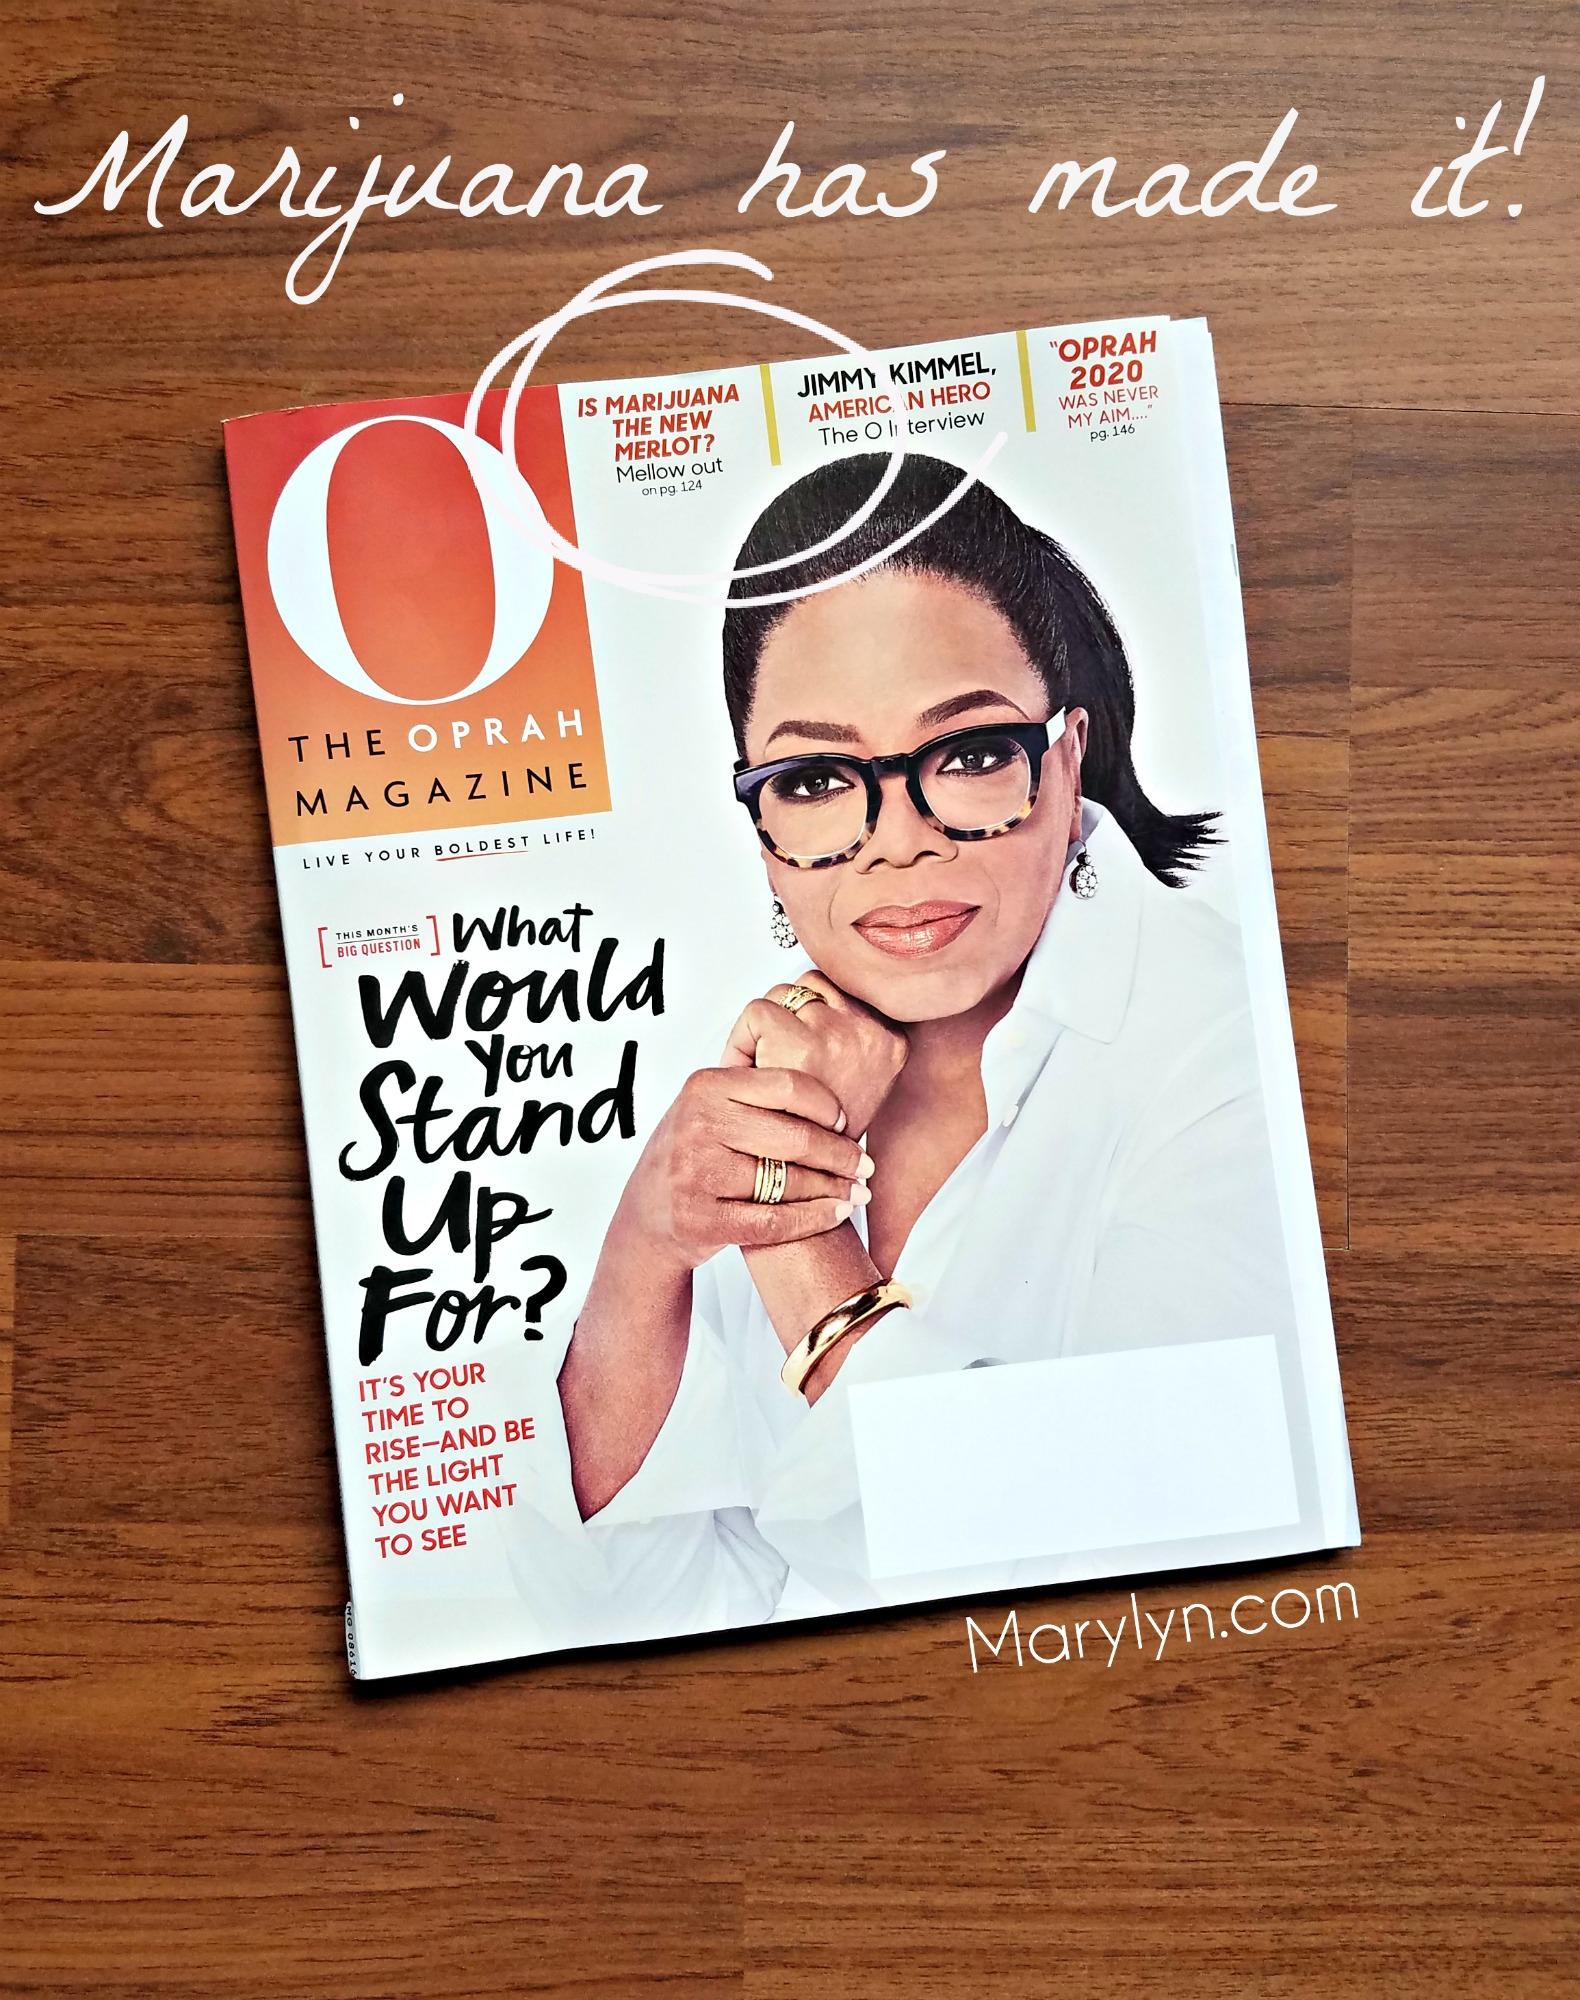 marijuana has made it ophrah magazine April 2018 marylyn media